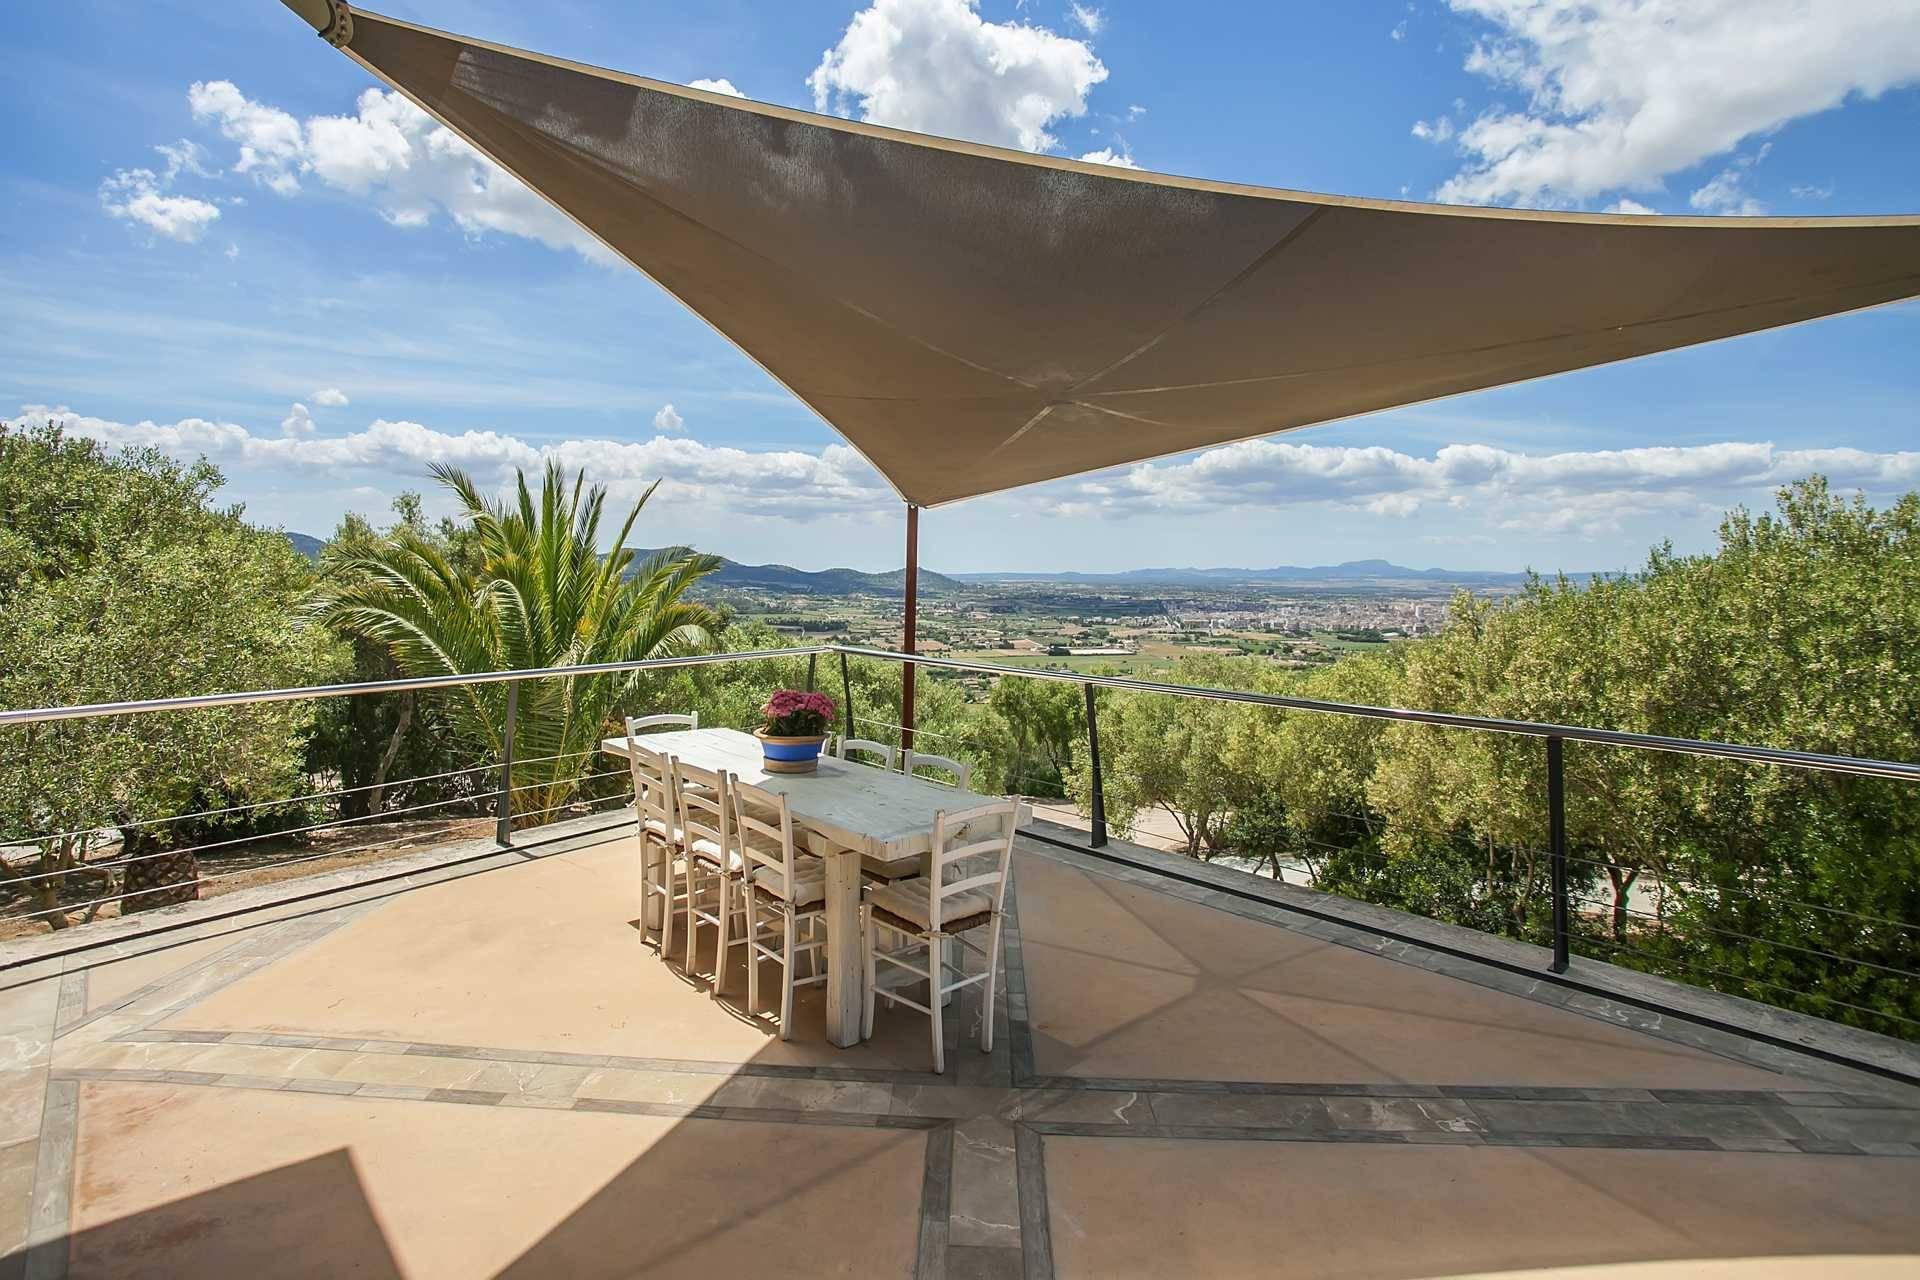 01-109 Design Finca Mallorca Osten Bild 10